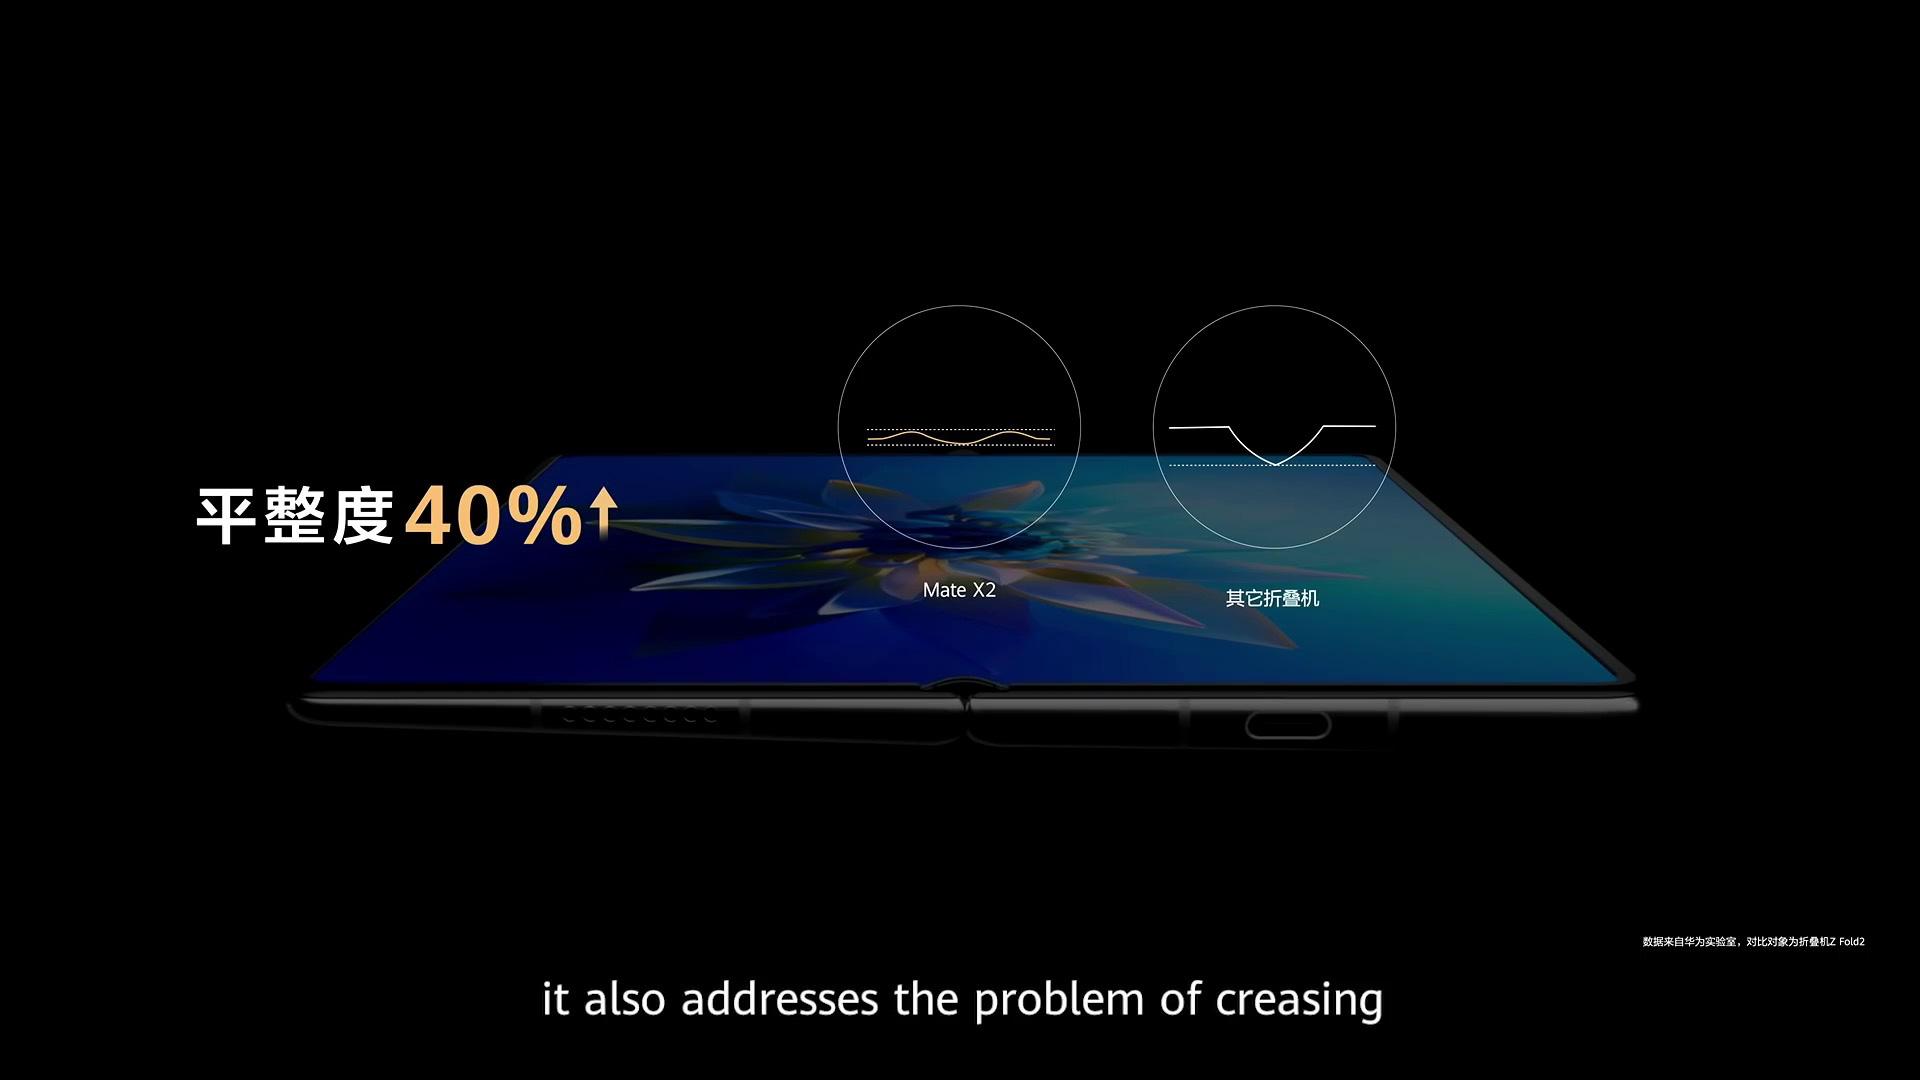 Huawei nói smartphone của mình tốt hơn Z Fold2, iPhone 12 Pro Max, Pro Display XDR, Volvo XC90... như thế nào? - Ảnh 6.